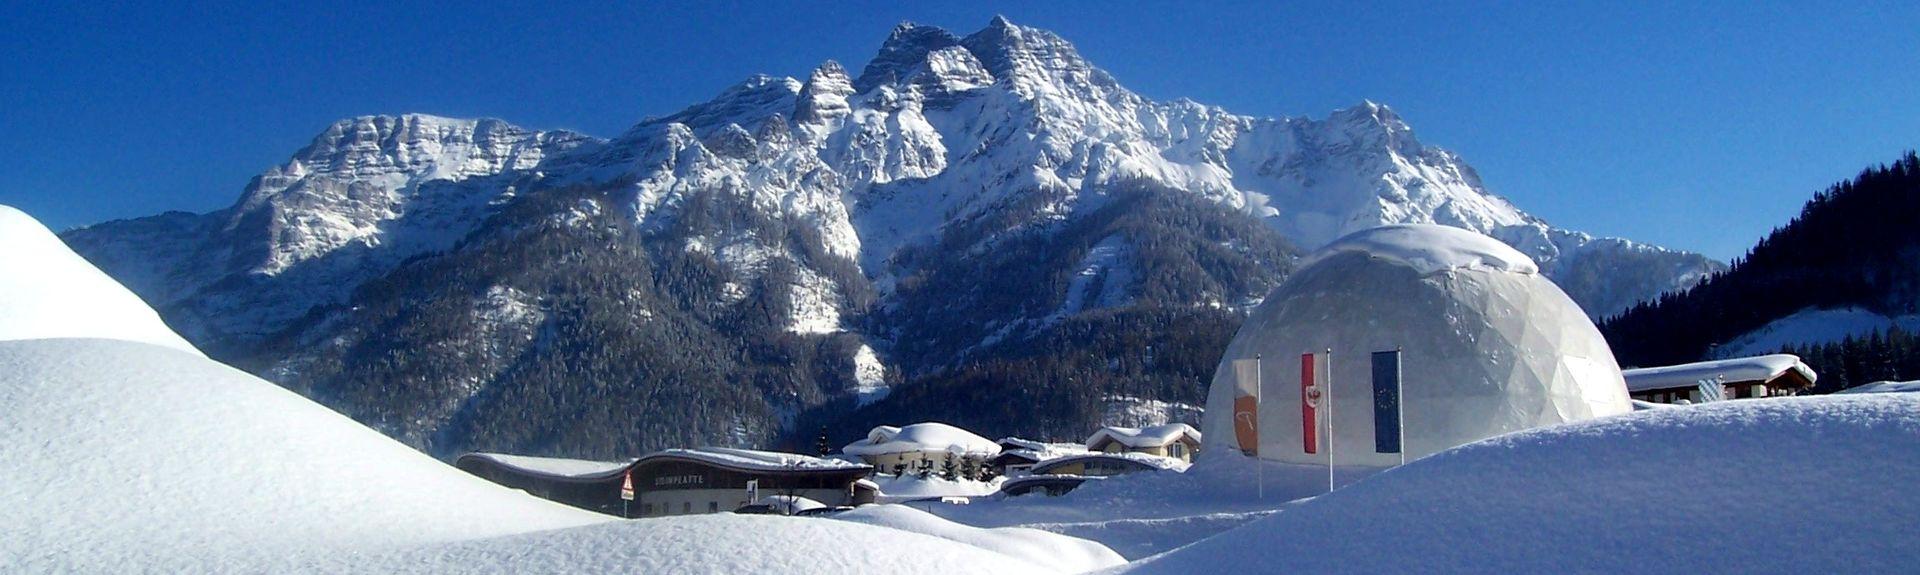 Sankt Jakob in Haus, Tirol, Österreich